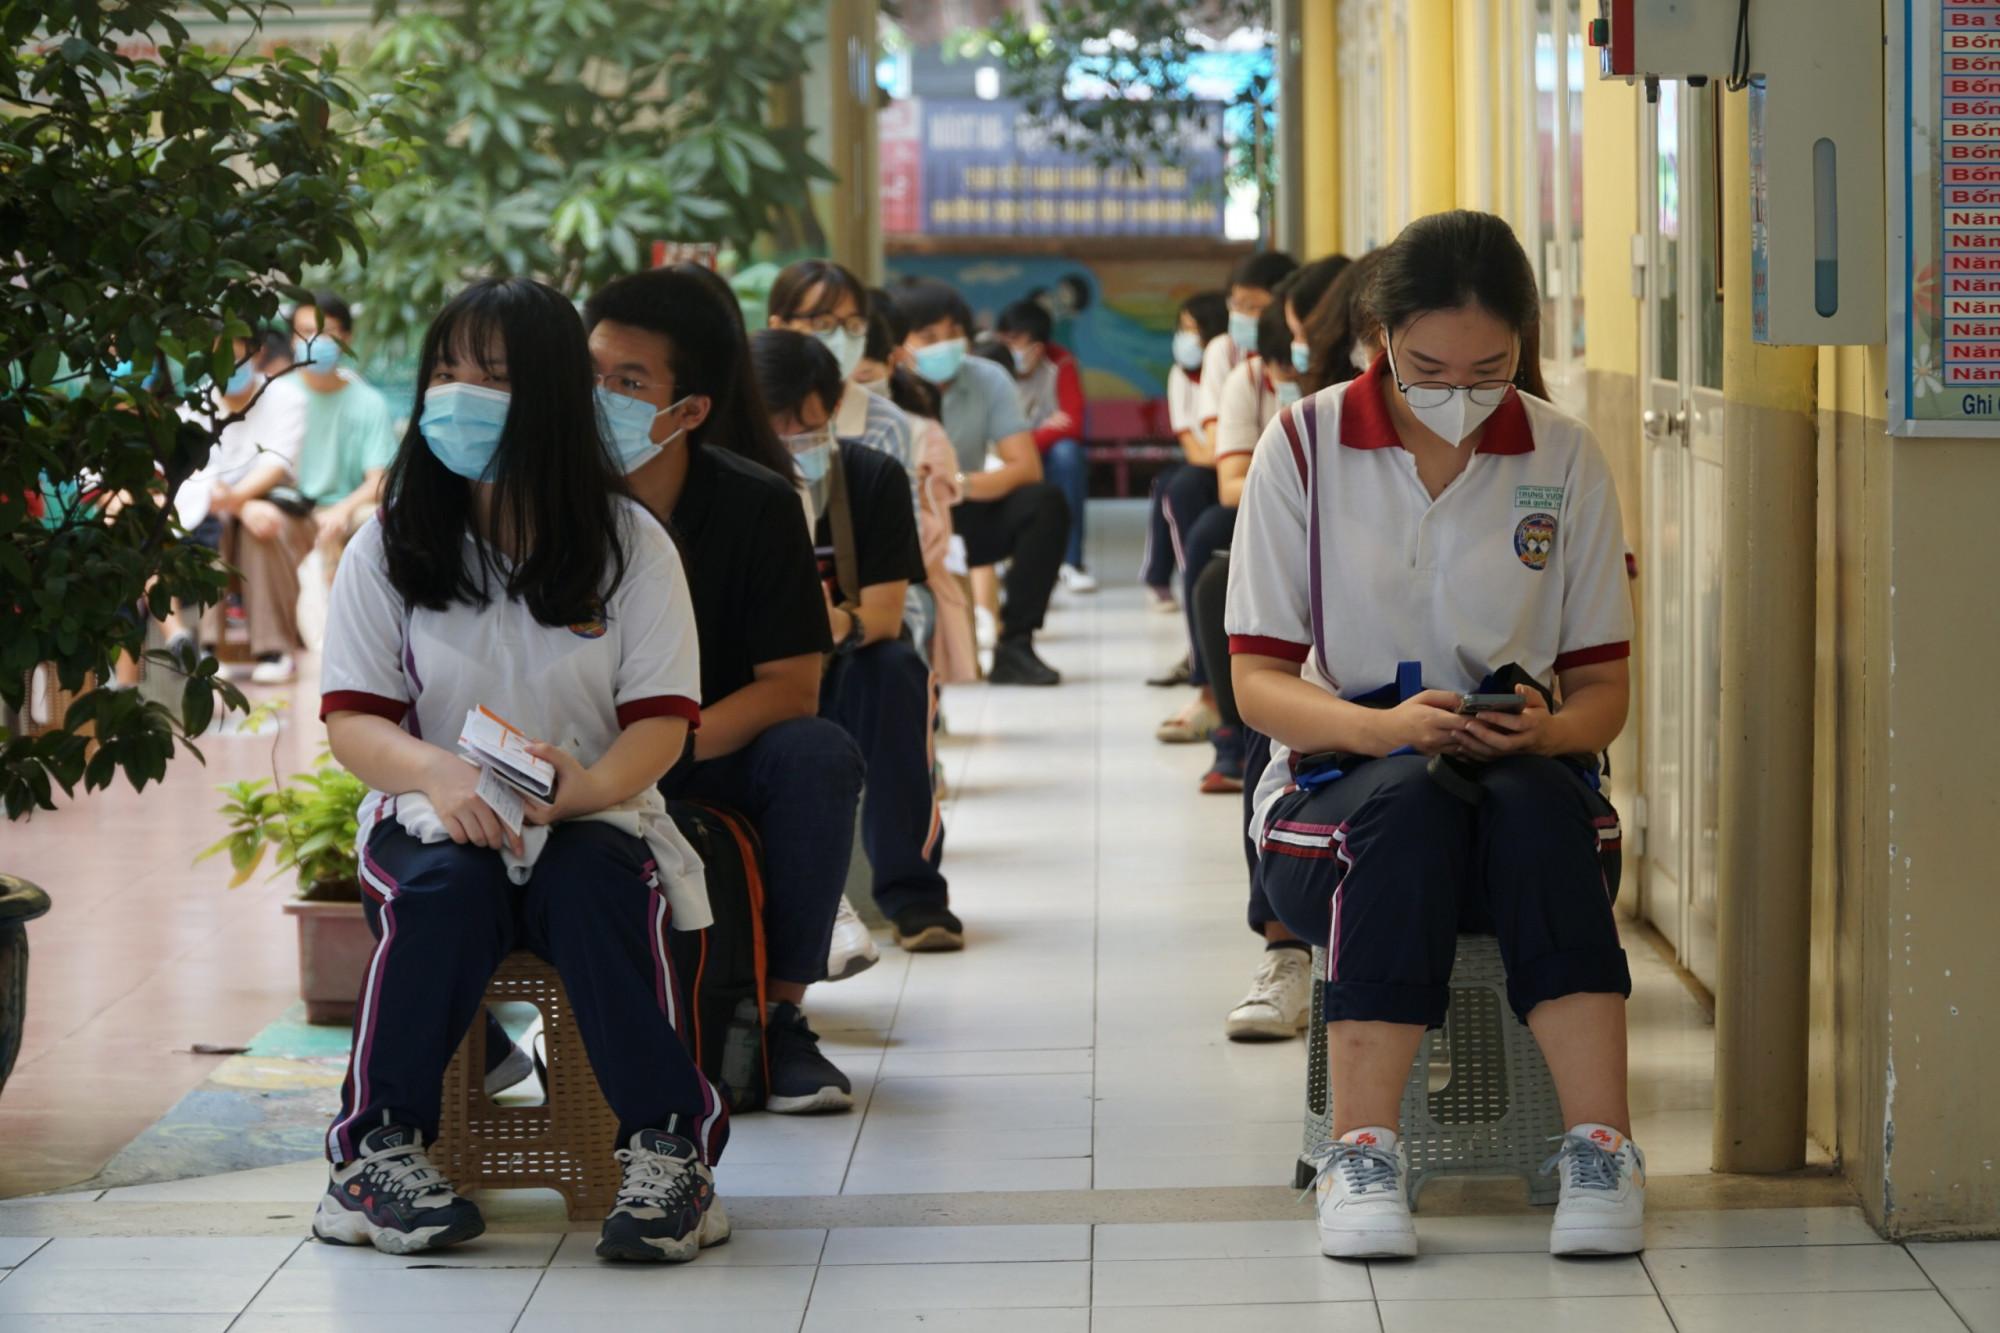 Thí sinh dự thi tốt nghiệp THPT - Ảnh: Tam Nguyên